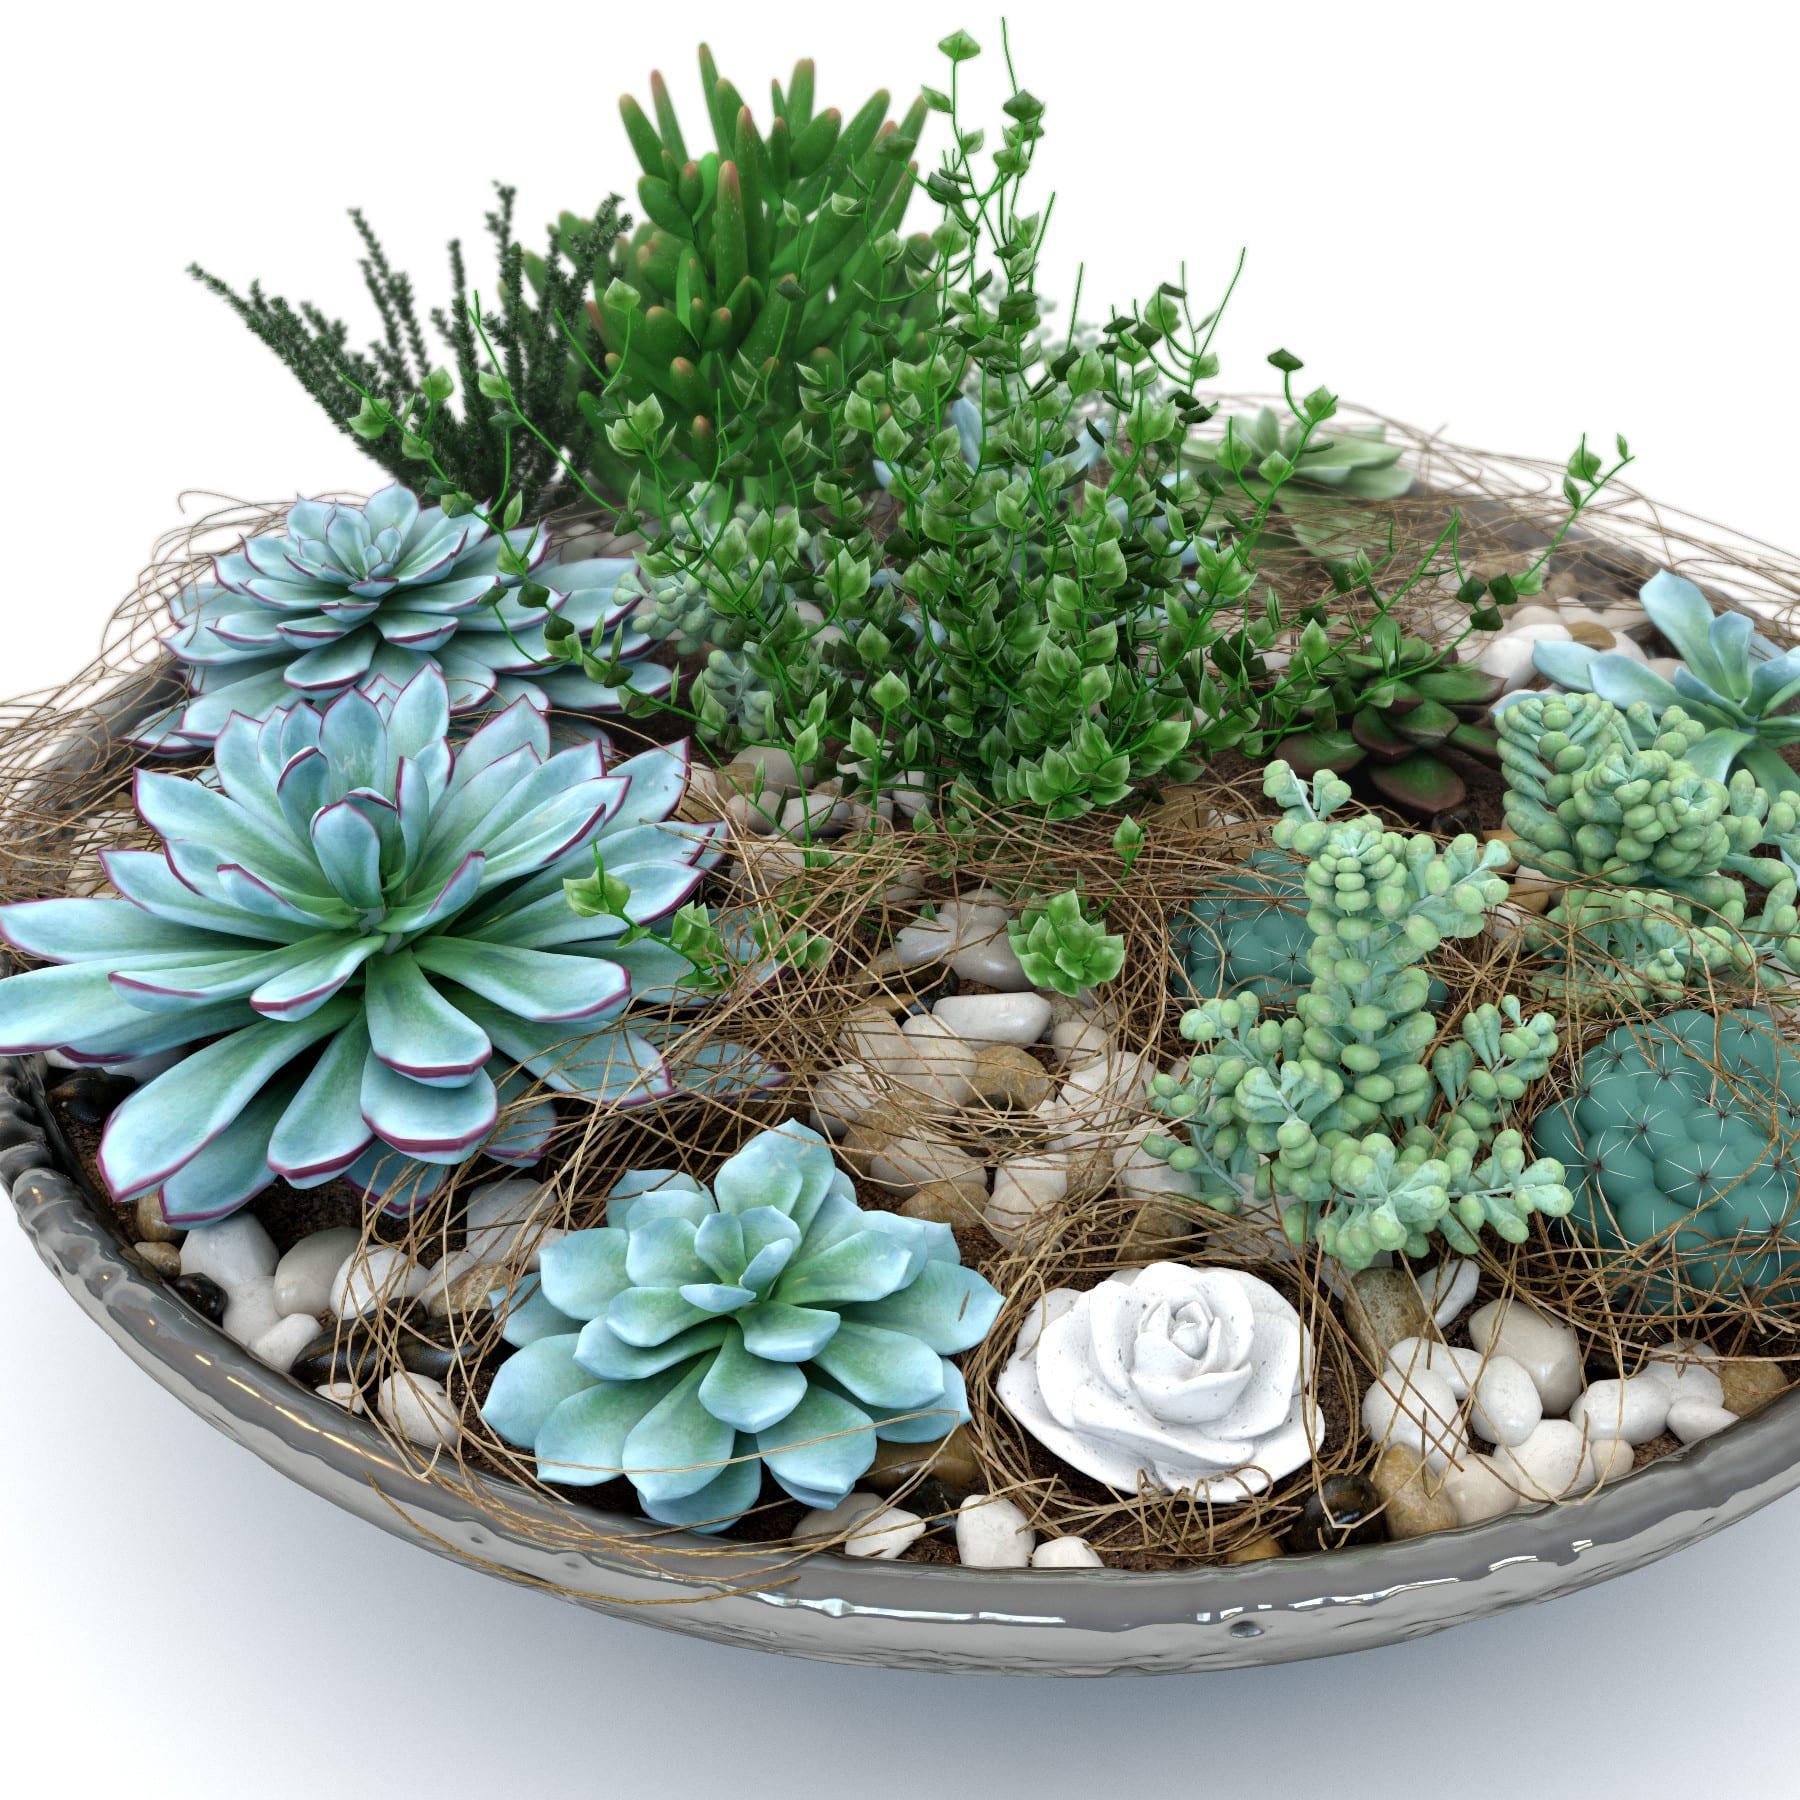 C mo hacer una composici n de cactus y plantas crasas - Jardines con cactus y piedras ...